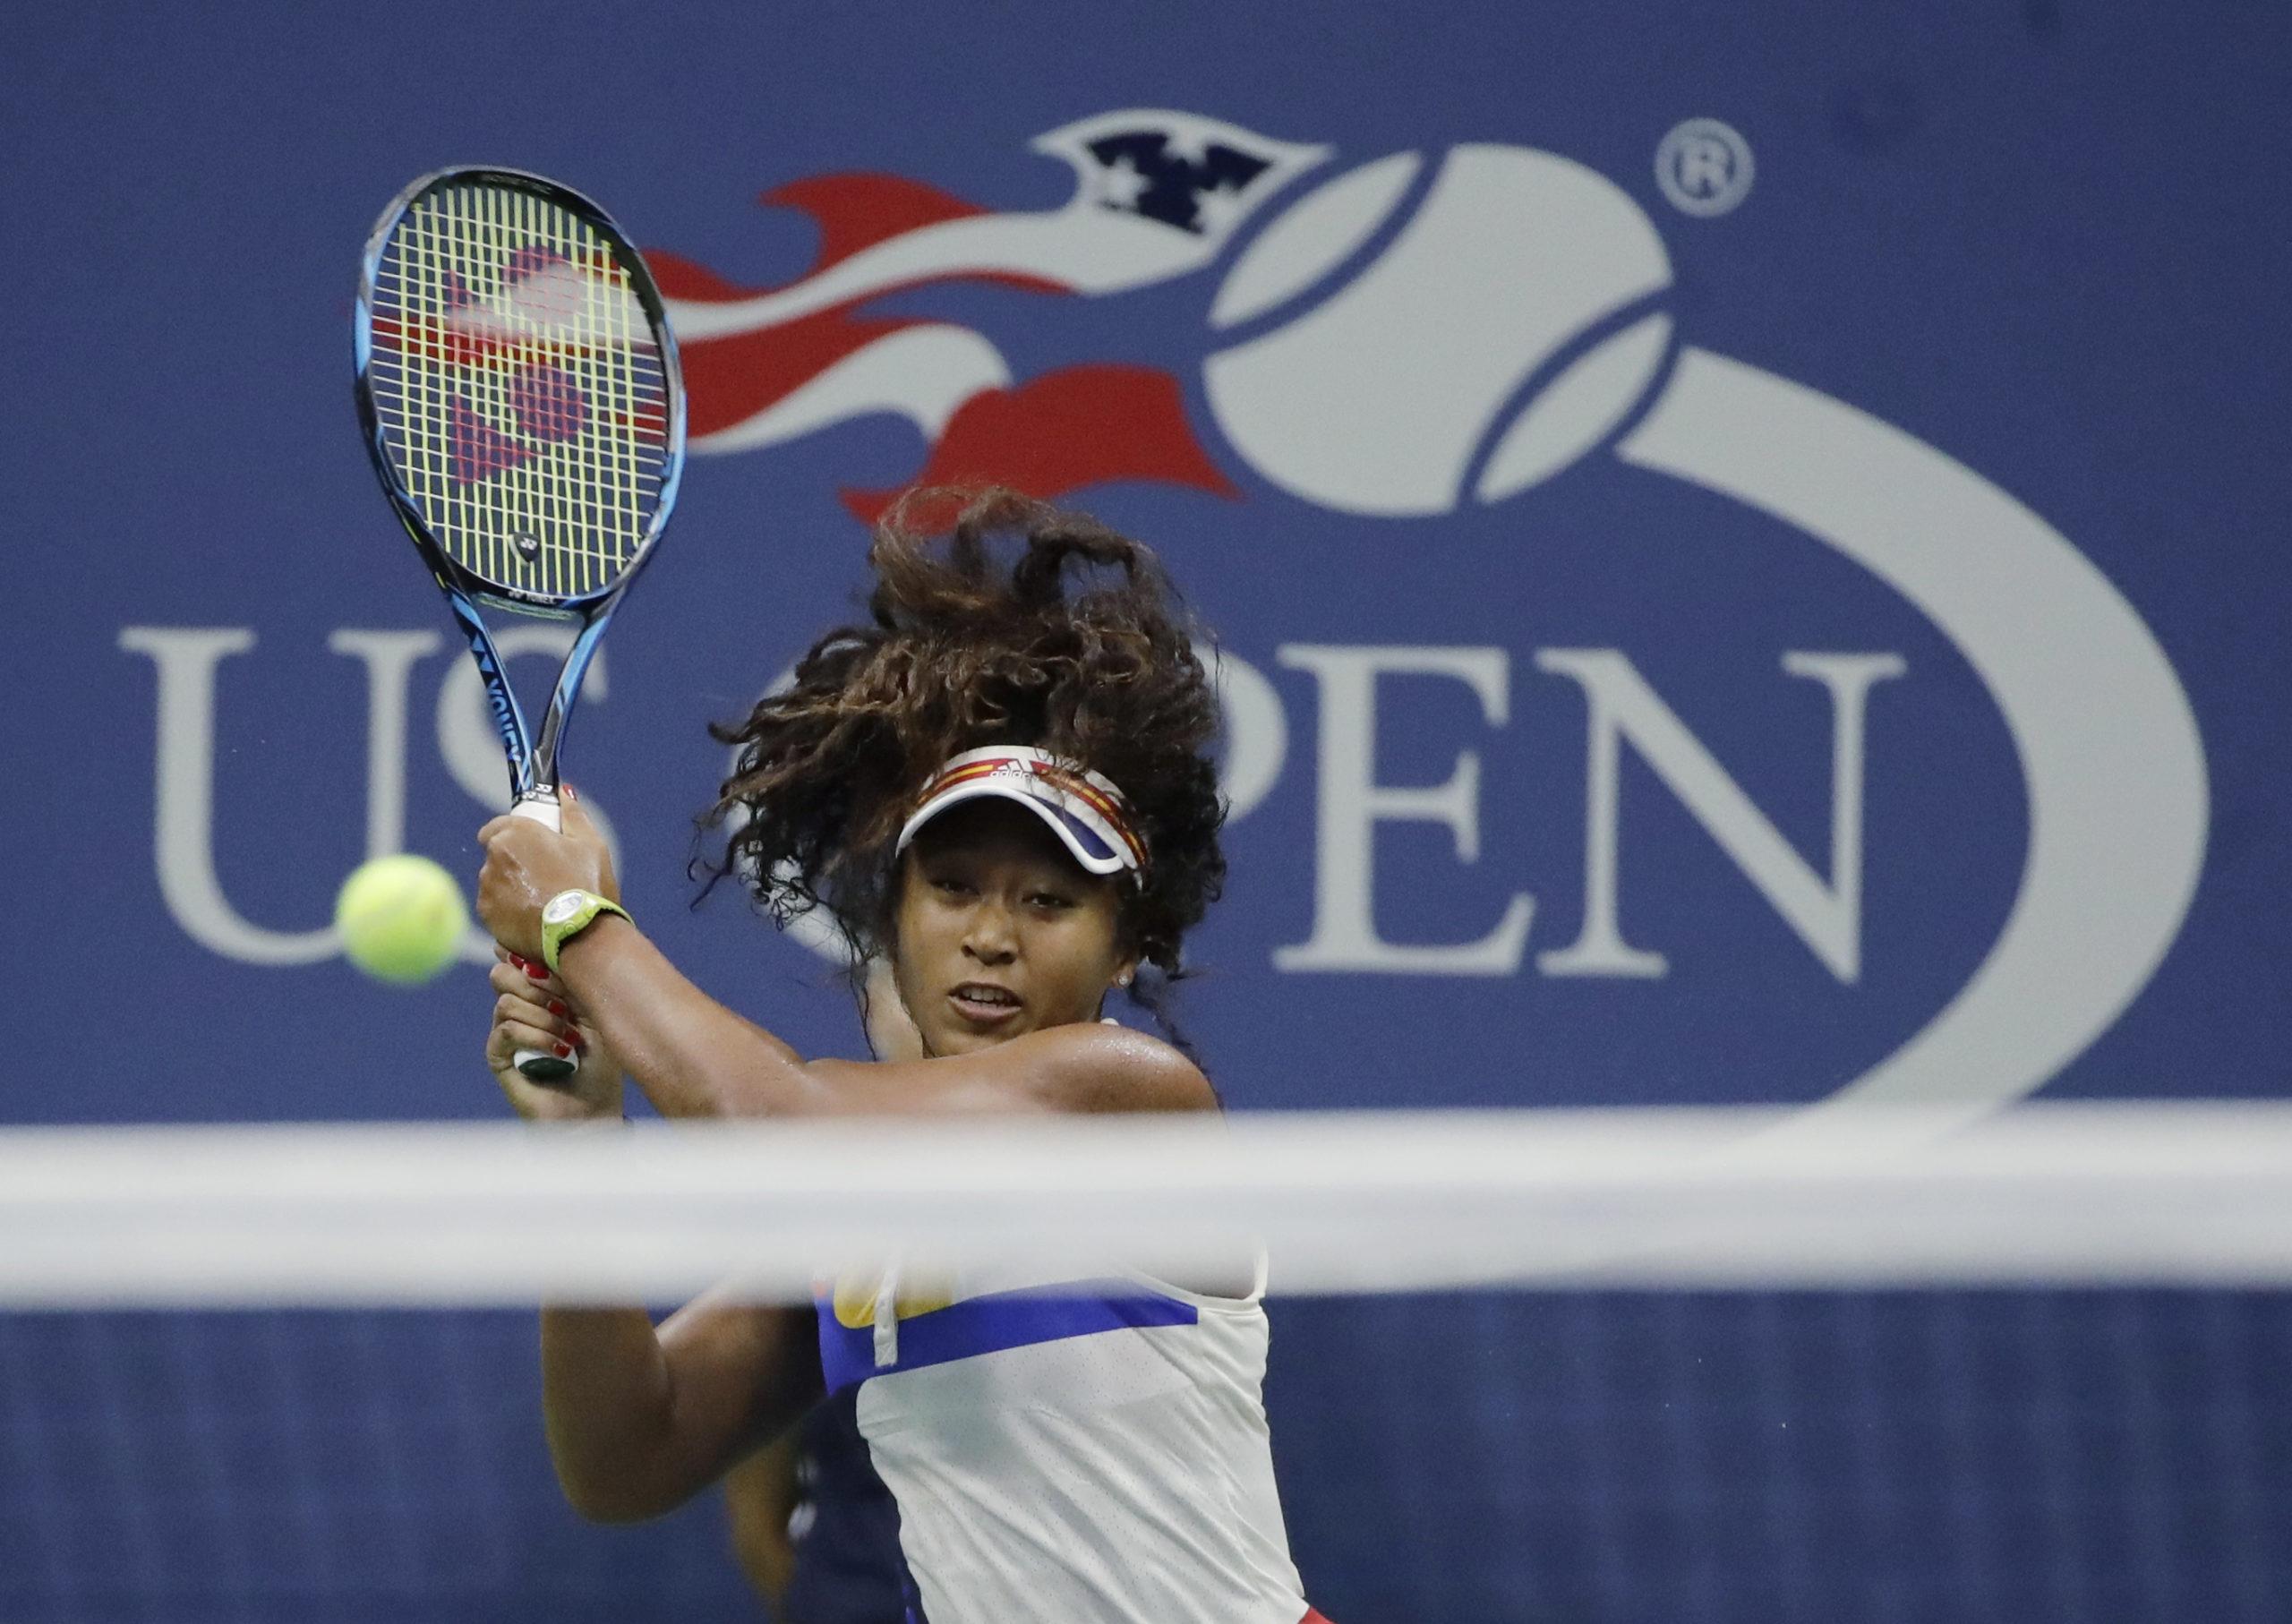 US Open será o Grand Slam de tênis com a maior premiação da história